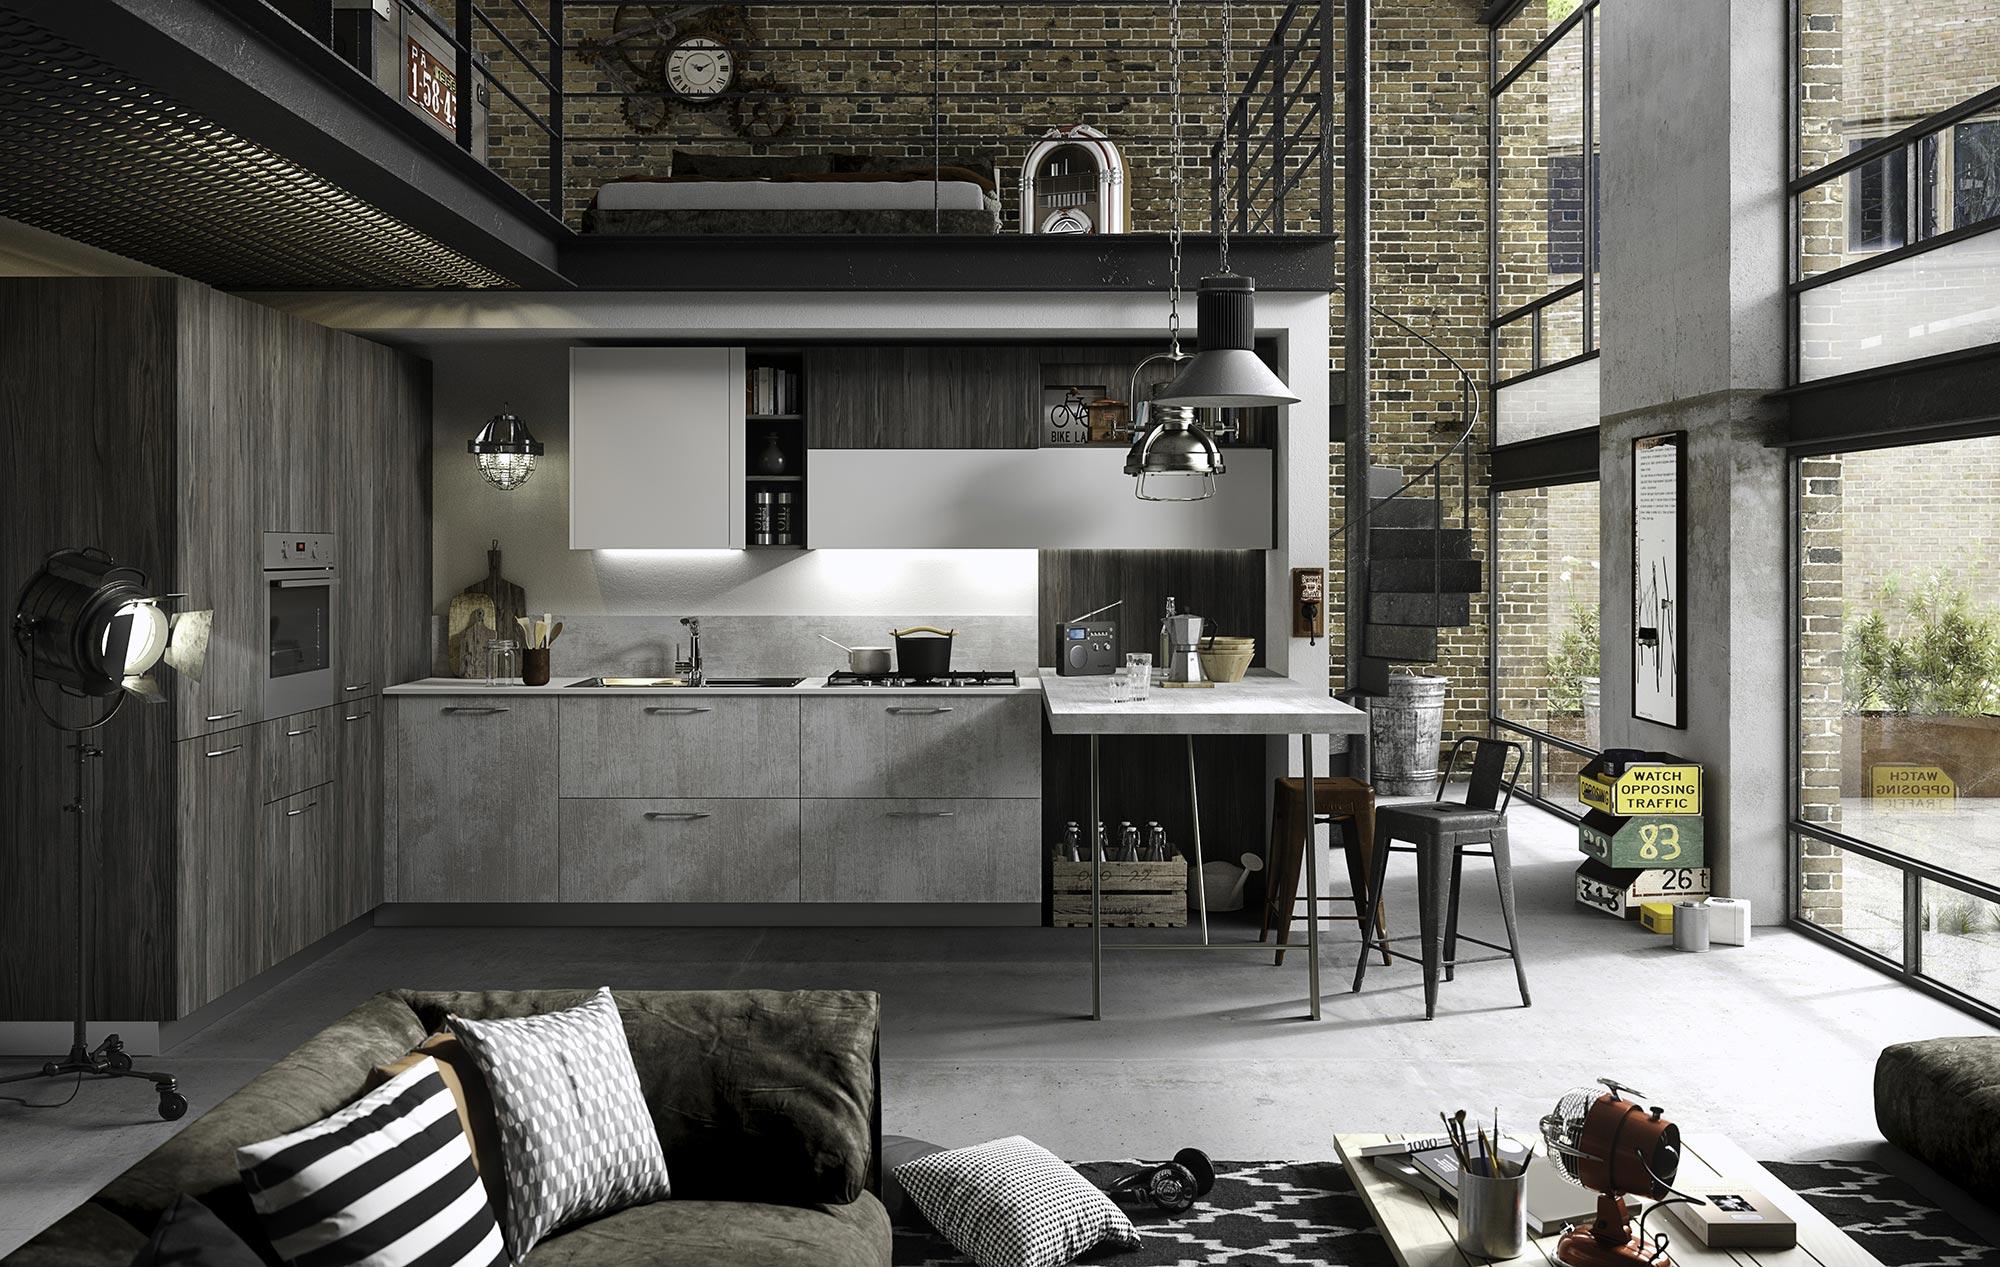 cucina-Fun-rovere-beton-1